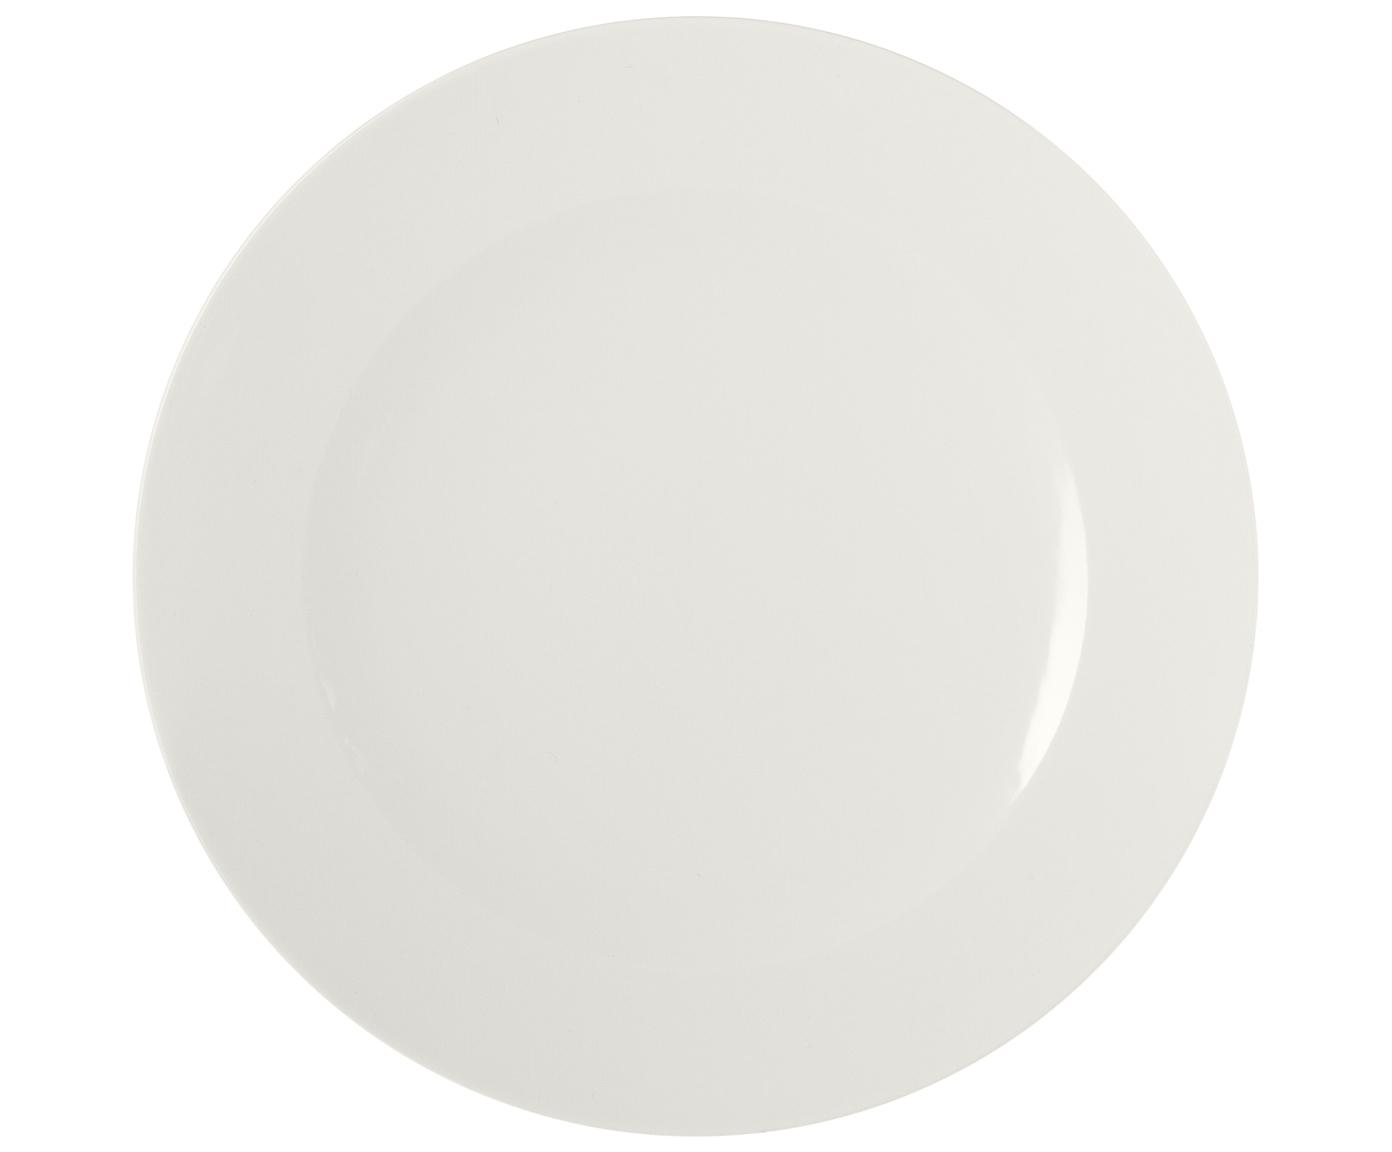 Komplet naczyń For Me, 16 elem., Porcelana, Złamana biel, Różne rozmiary